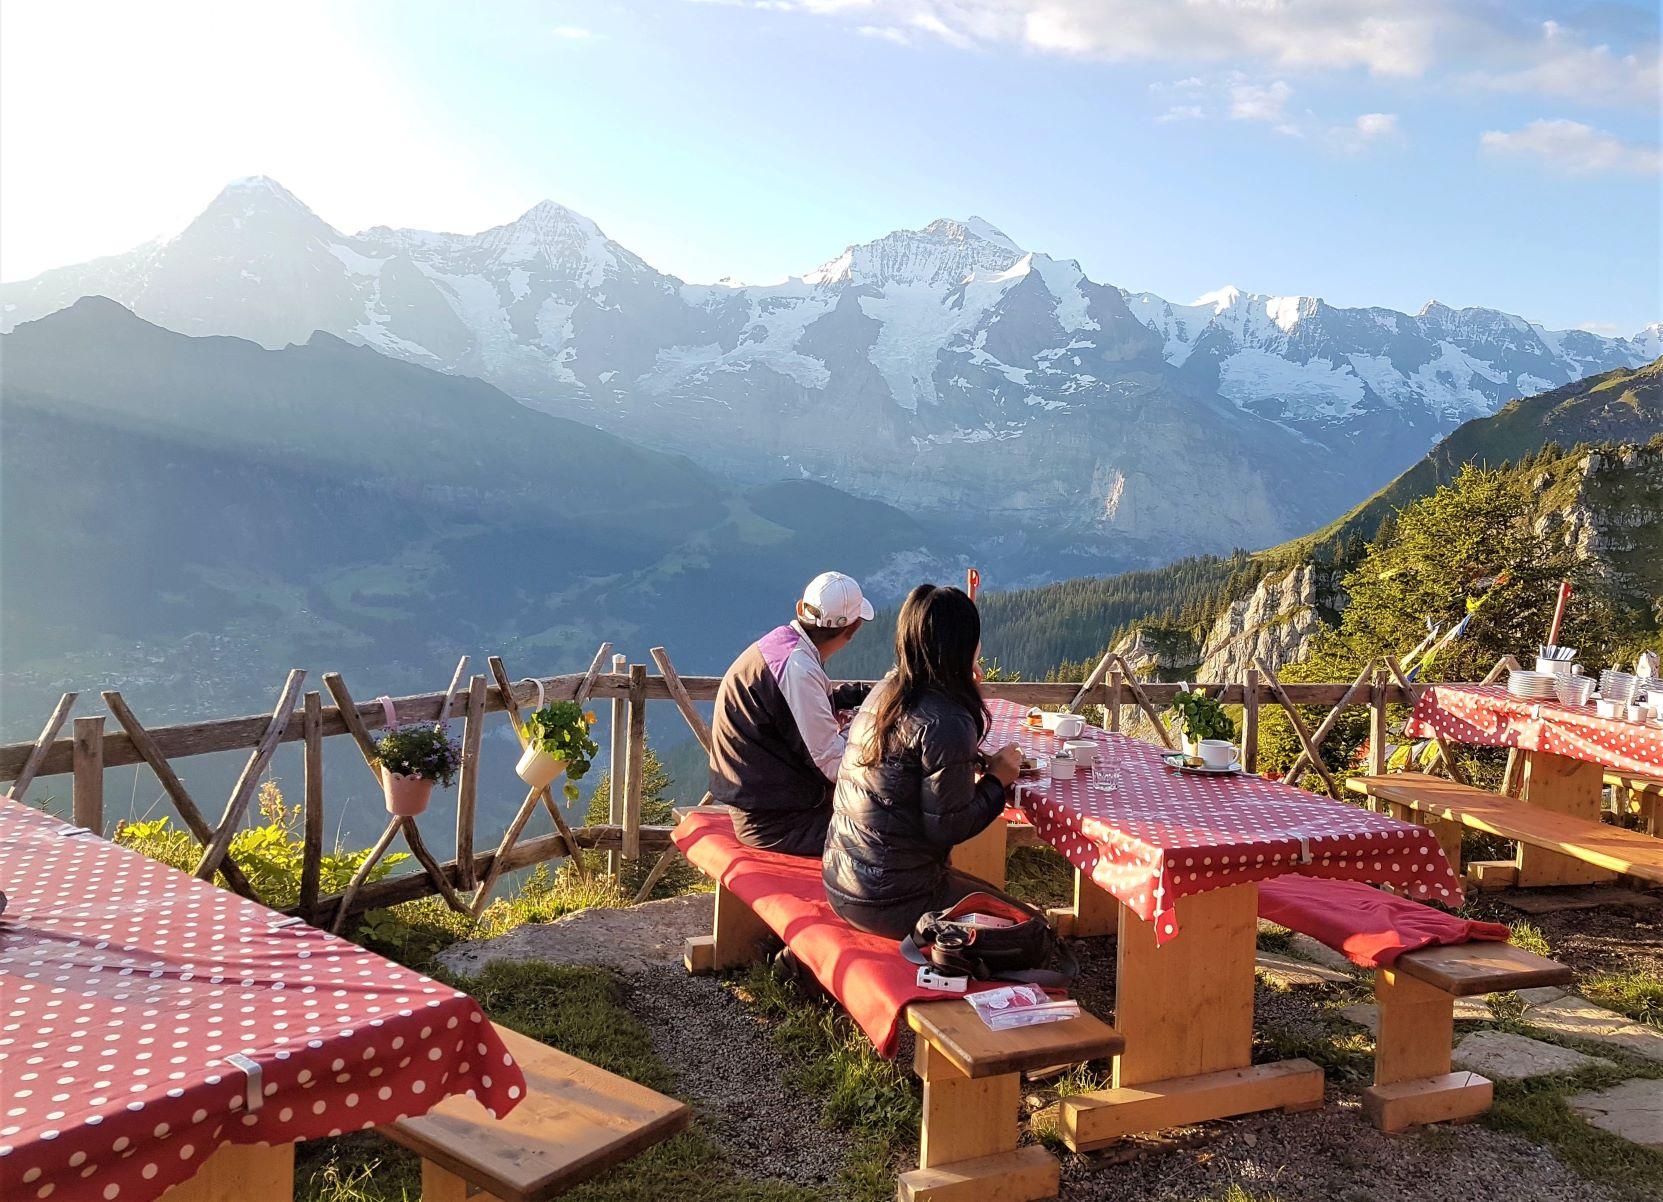 山岳展望を楽しみながらの贅沢な朝食が楽しめるのも山小屋泊りならでは